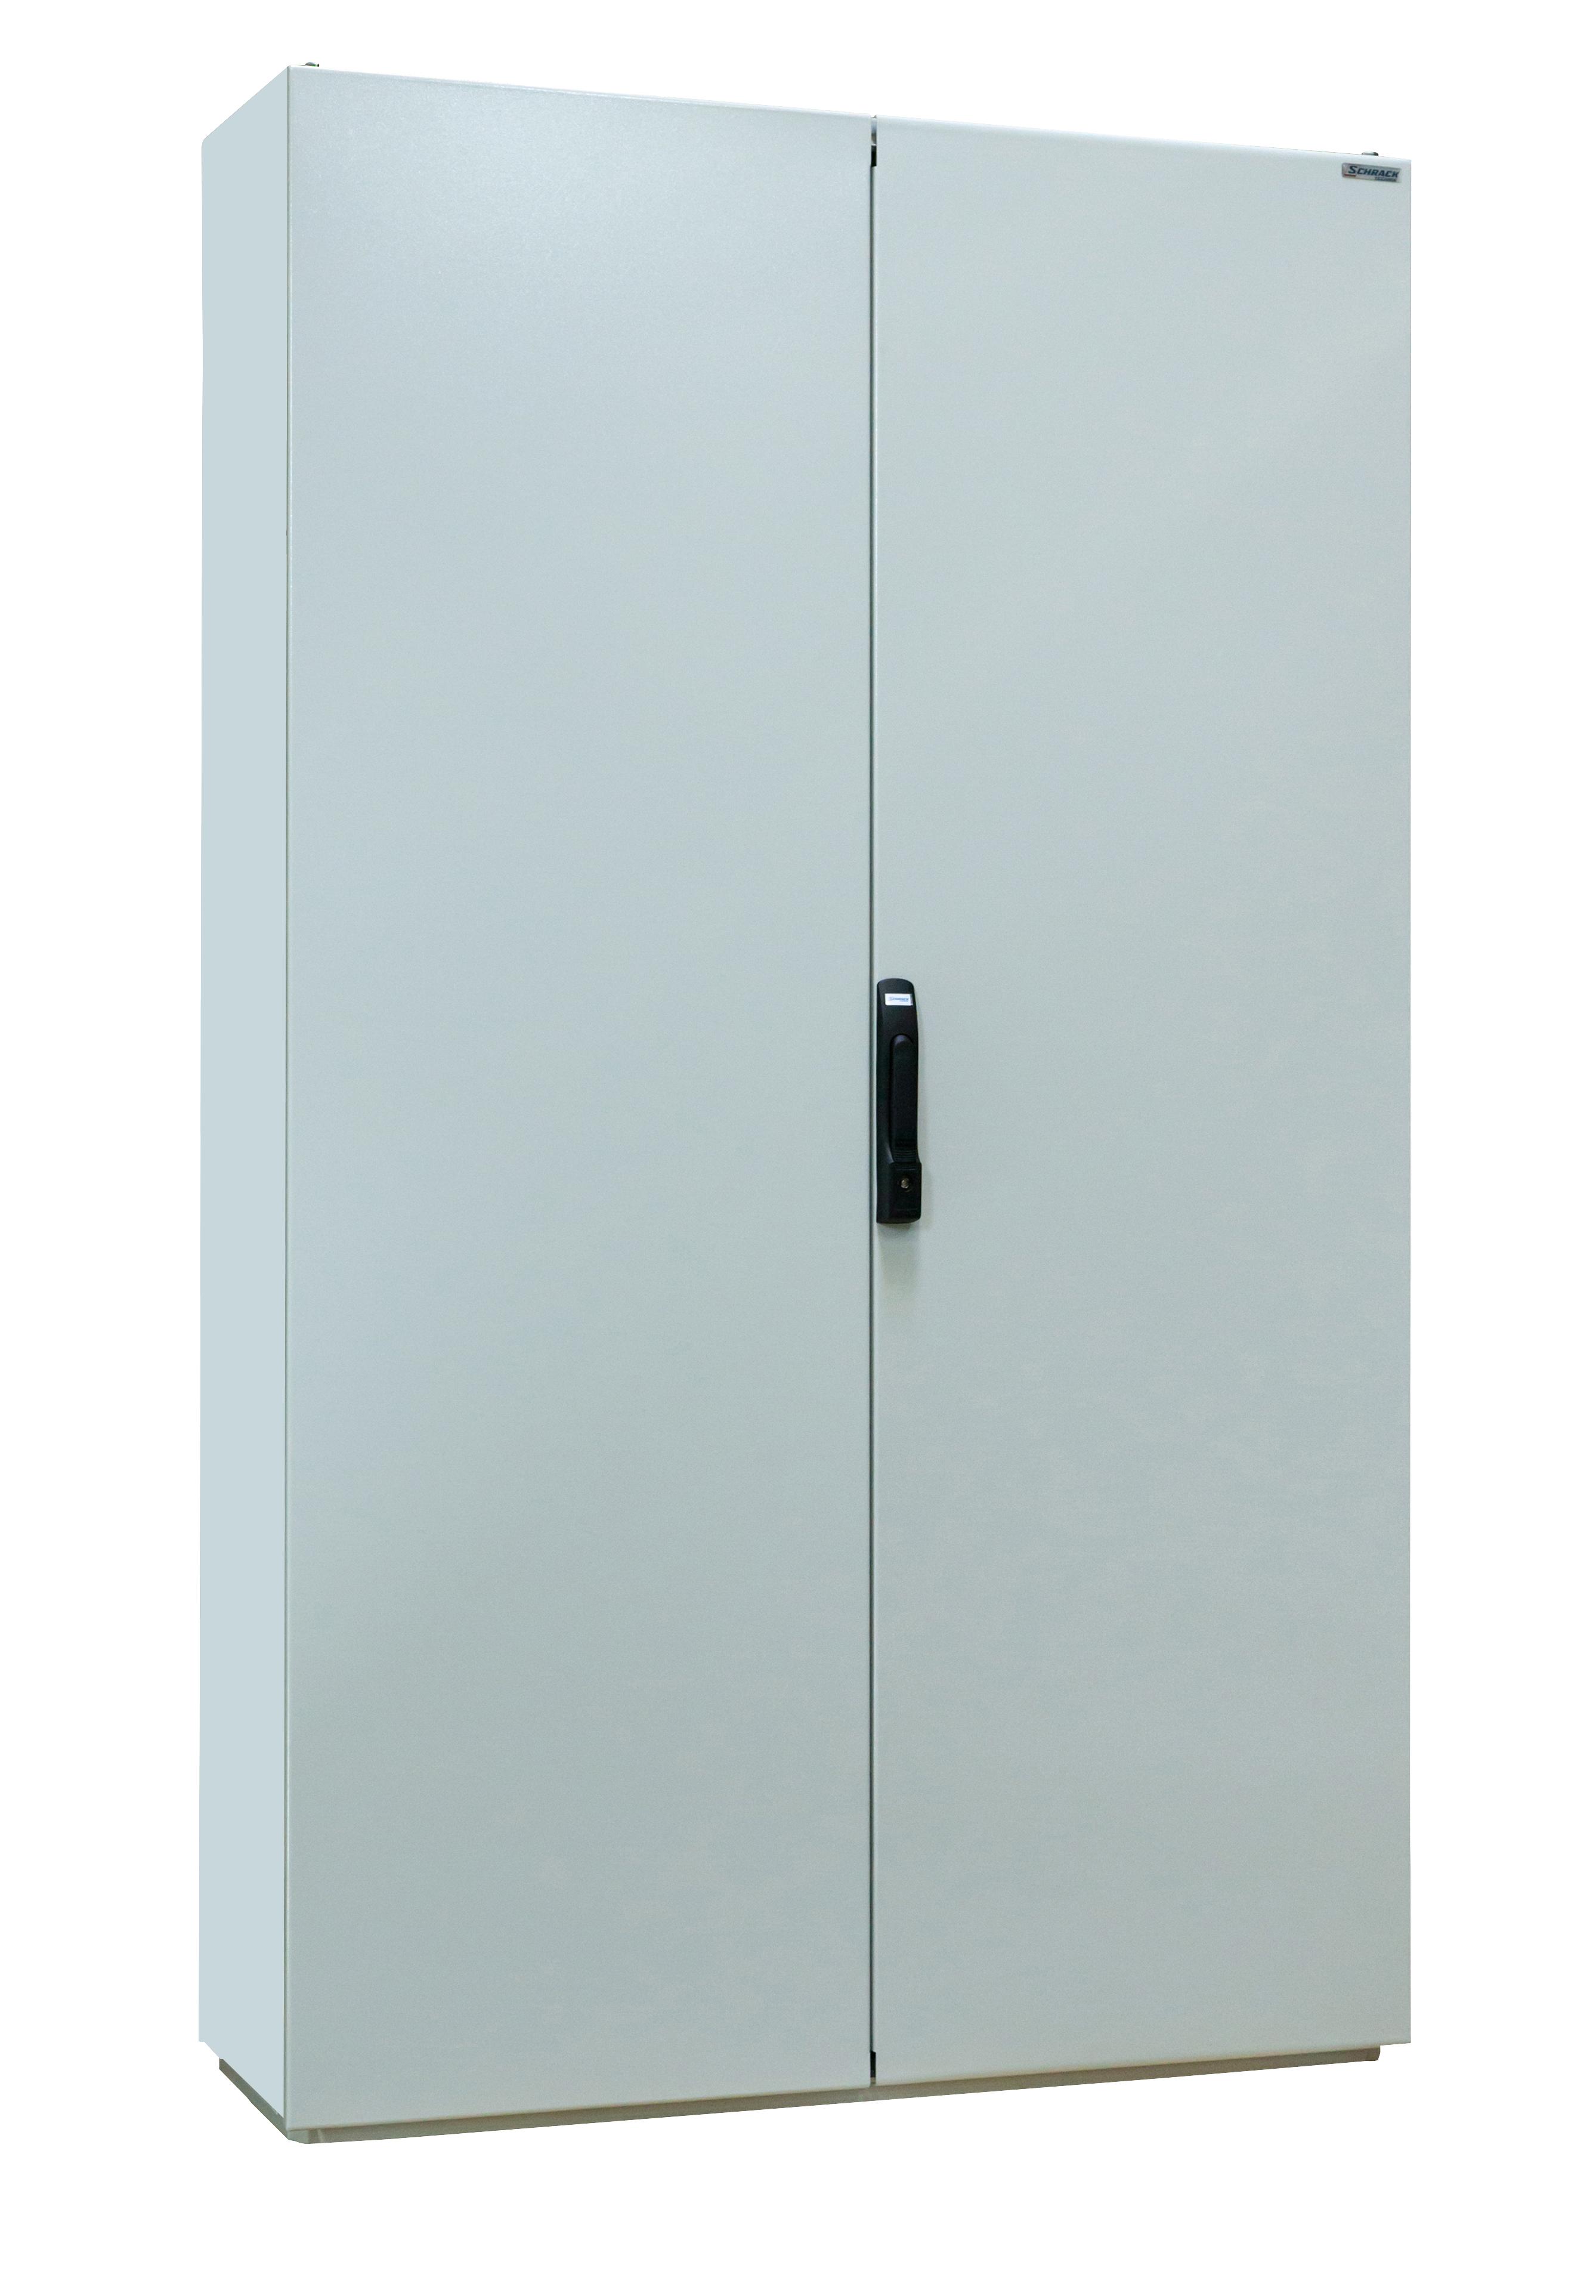 1 Stk Kompaktschrank 2-türig, 1800x1600x500mm, RAL 7035 KS181652-5